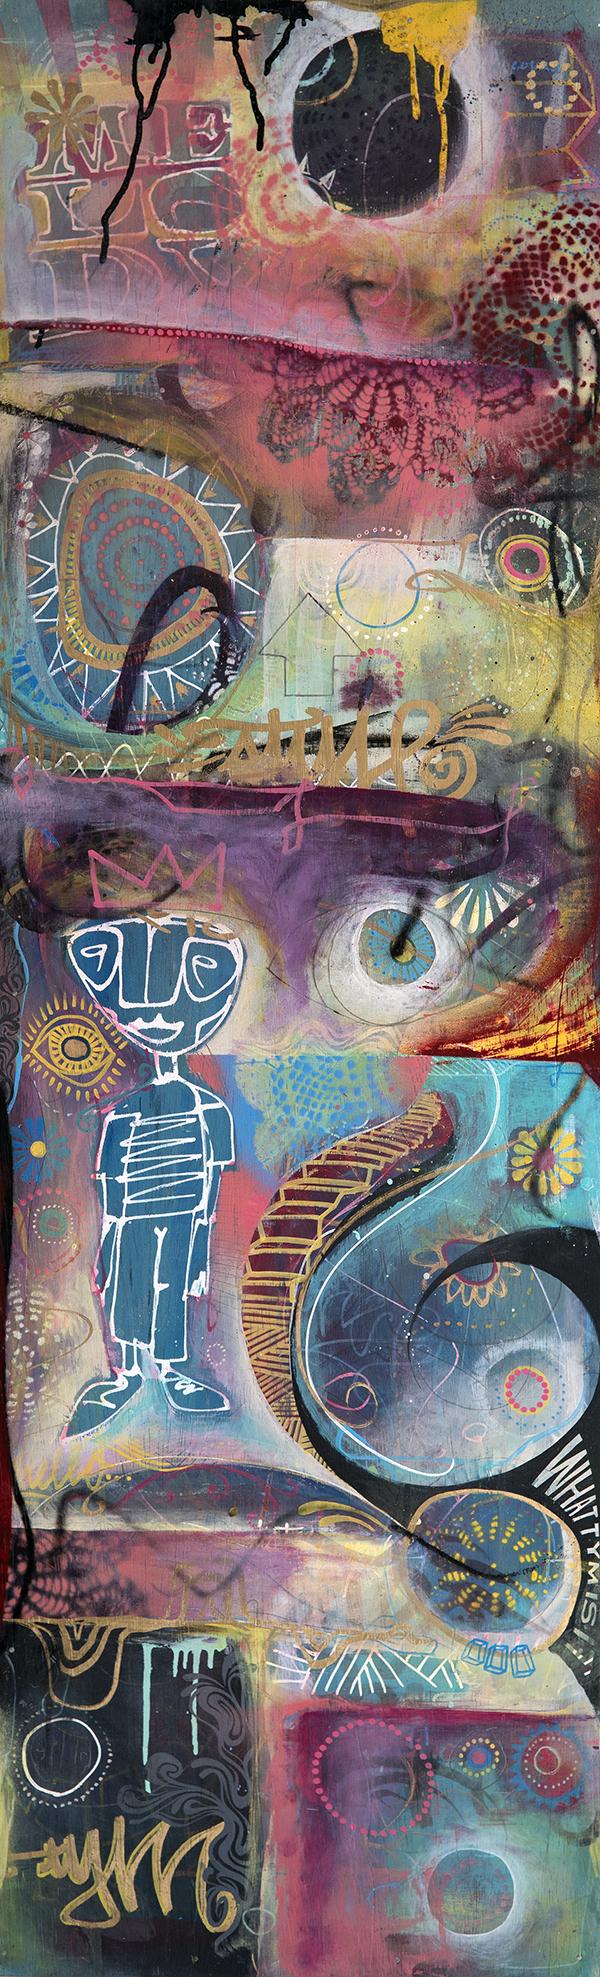 'Oldendaze' Acrylic on canvas. 48h x 16w. 2012